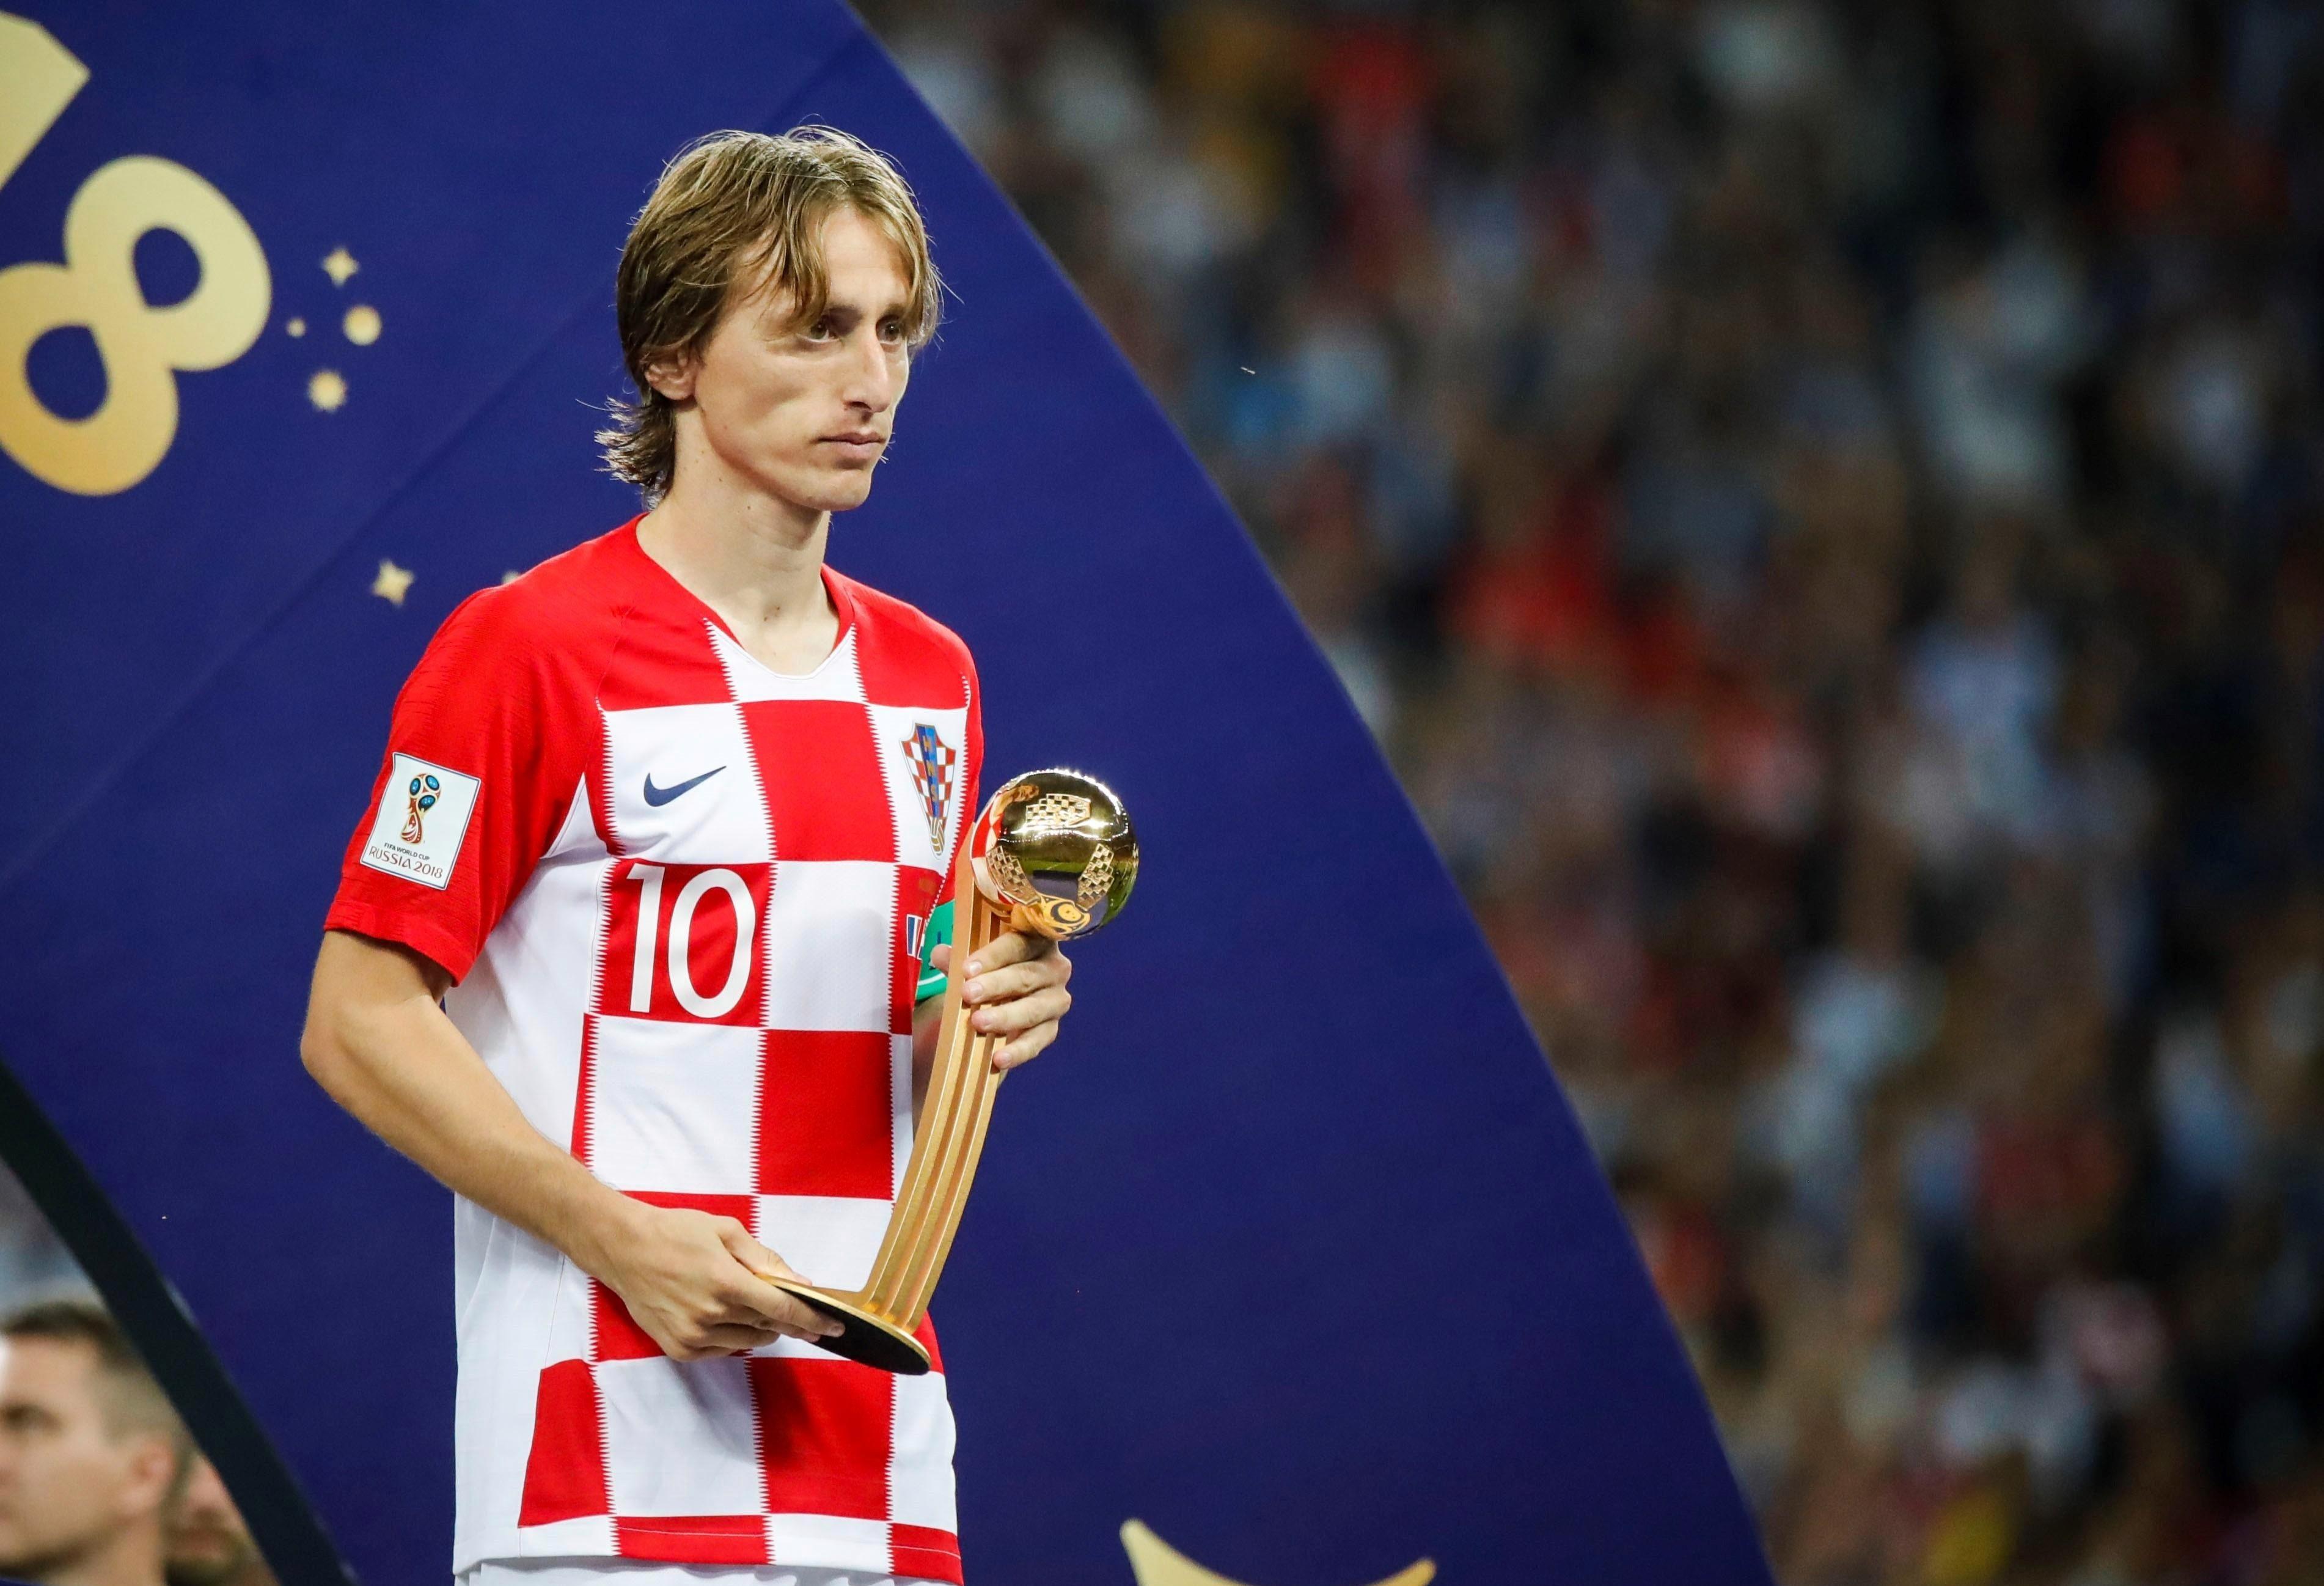 He's now a World Cup golden ball winner